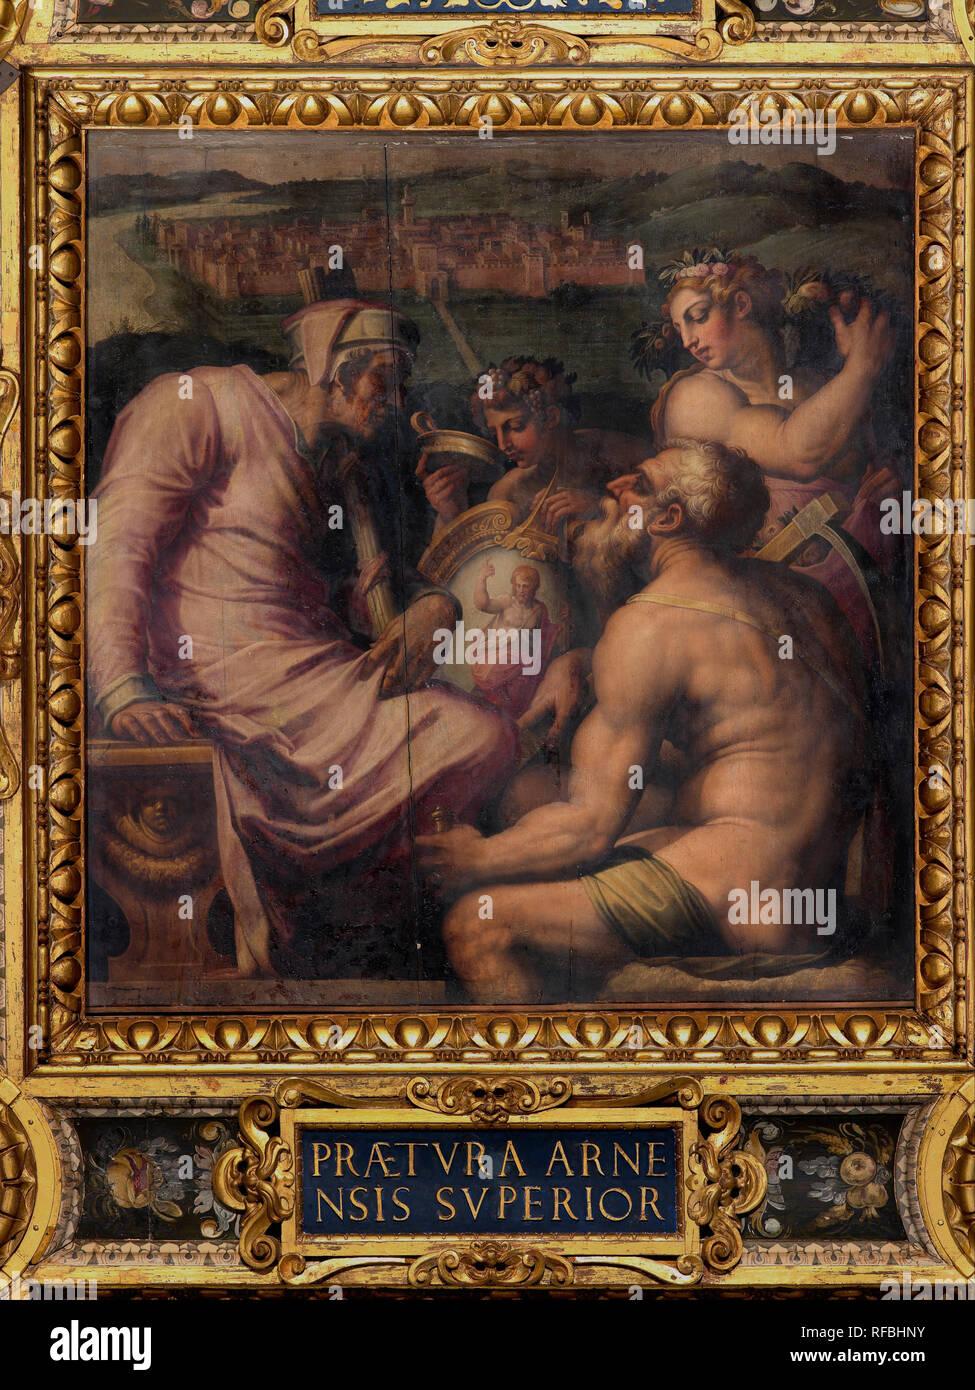 Allégorie de San Giovanni Valdarno. Date/période: 1563 - 1565. Peinture à l'huile sur bois. Hauteur: 250 mm (9.84 in); Largeur: 250 mm (9.84 in). Auteur: Giorgio Vasari. VASARI, Giorgio. Banque D'Images